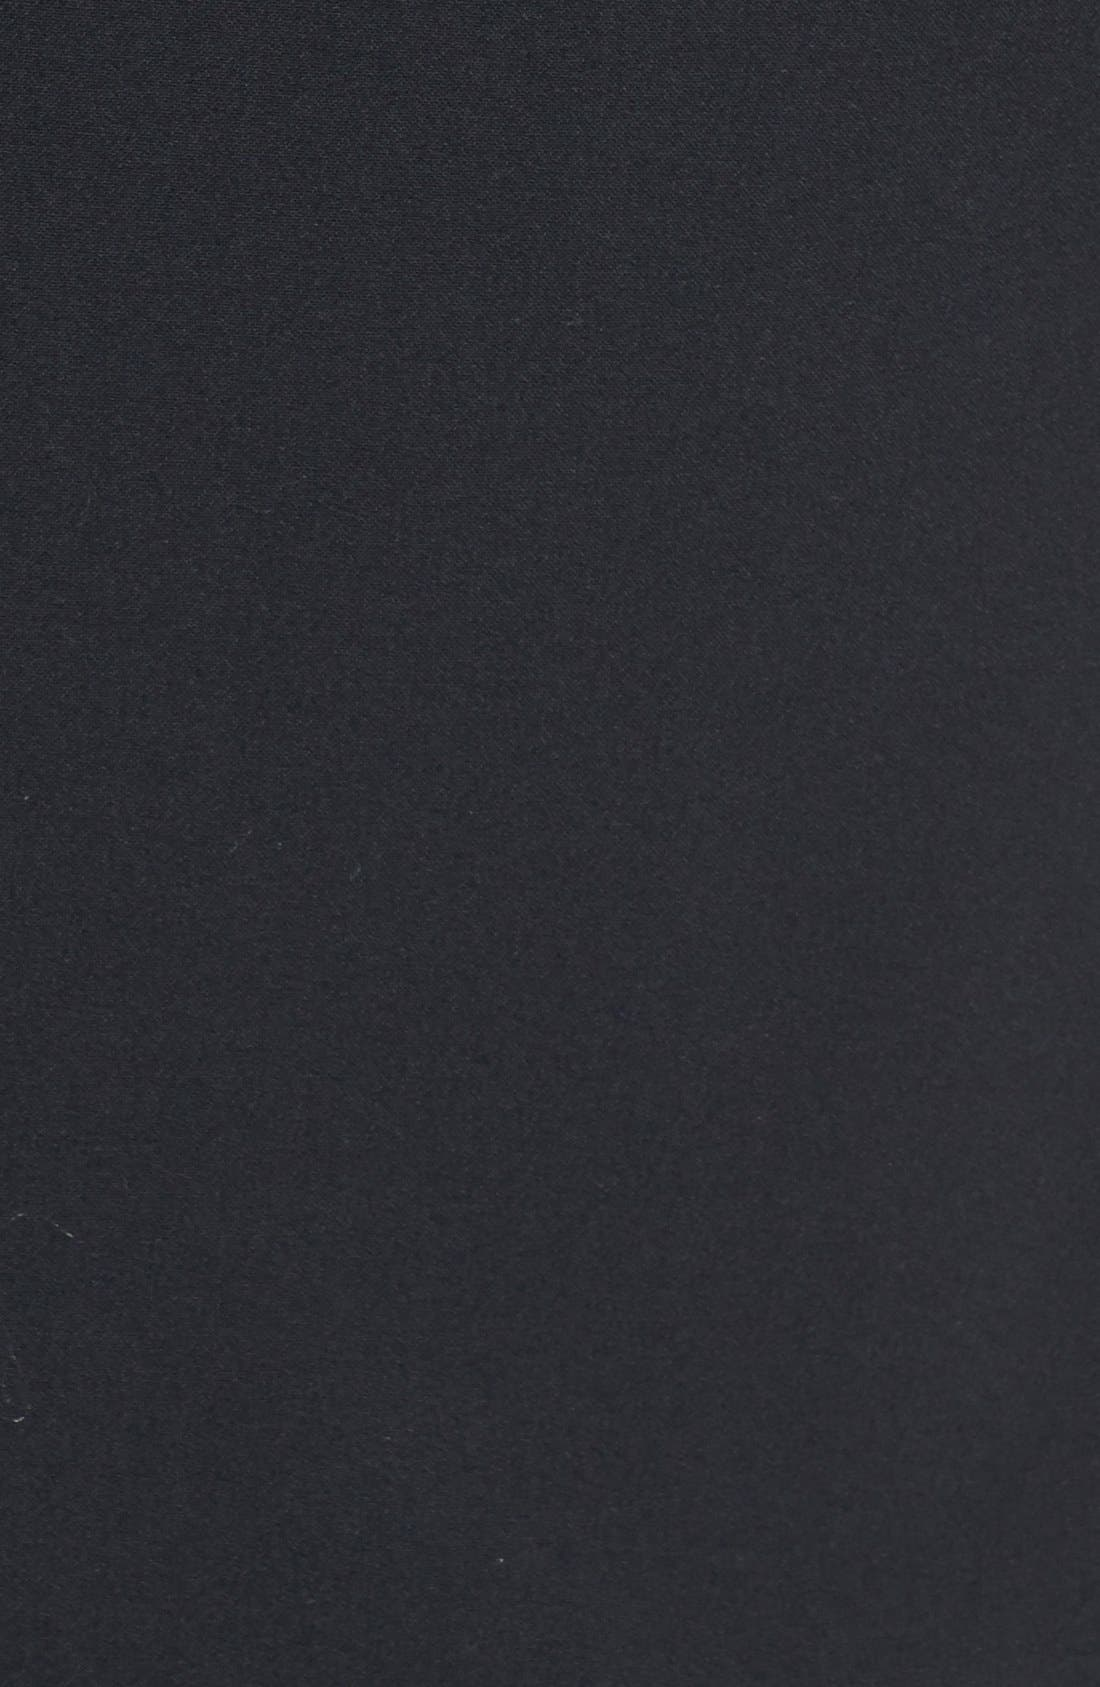 Alternate Image 3  - DKNYC Faux Leather Trim Blazer (Plus Size)